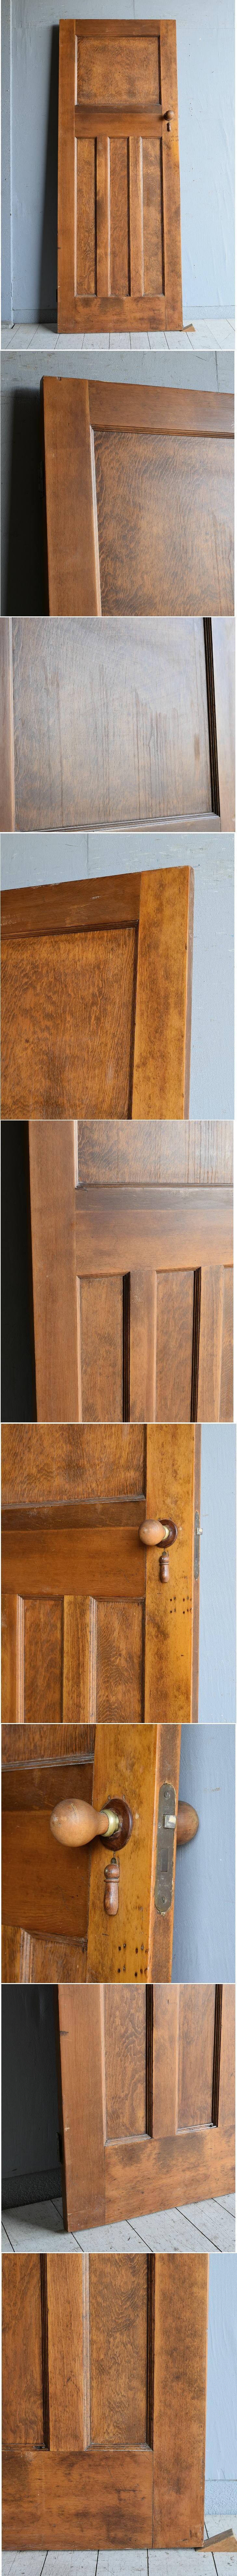 イギリス アンティーク ドア 扉 建具 8306